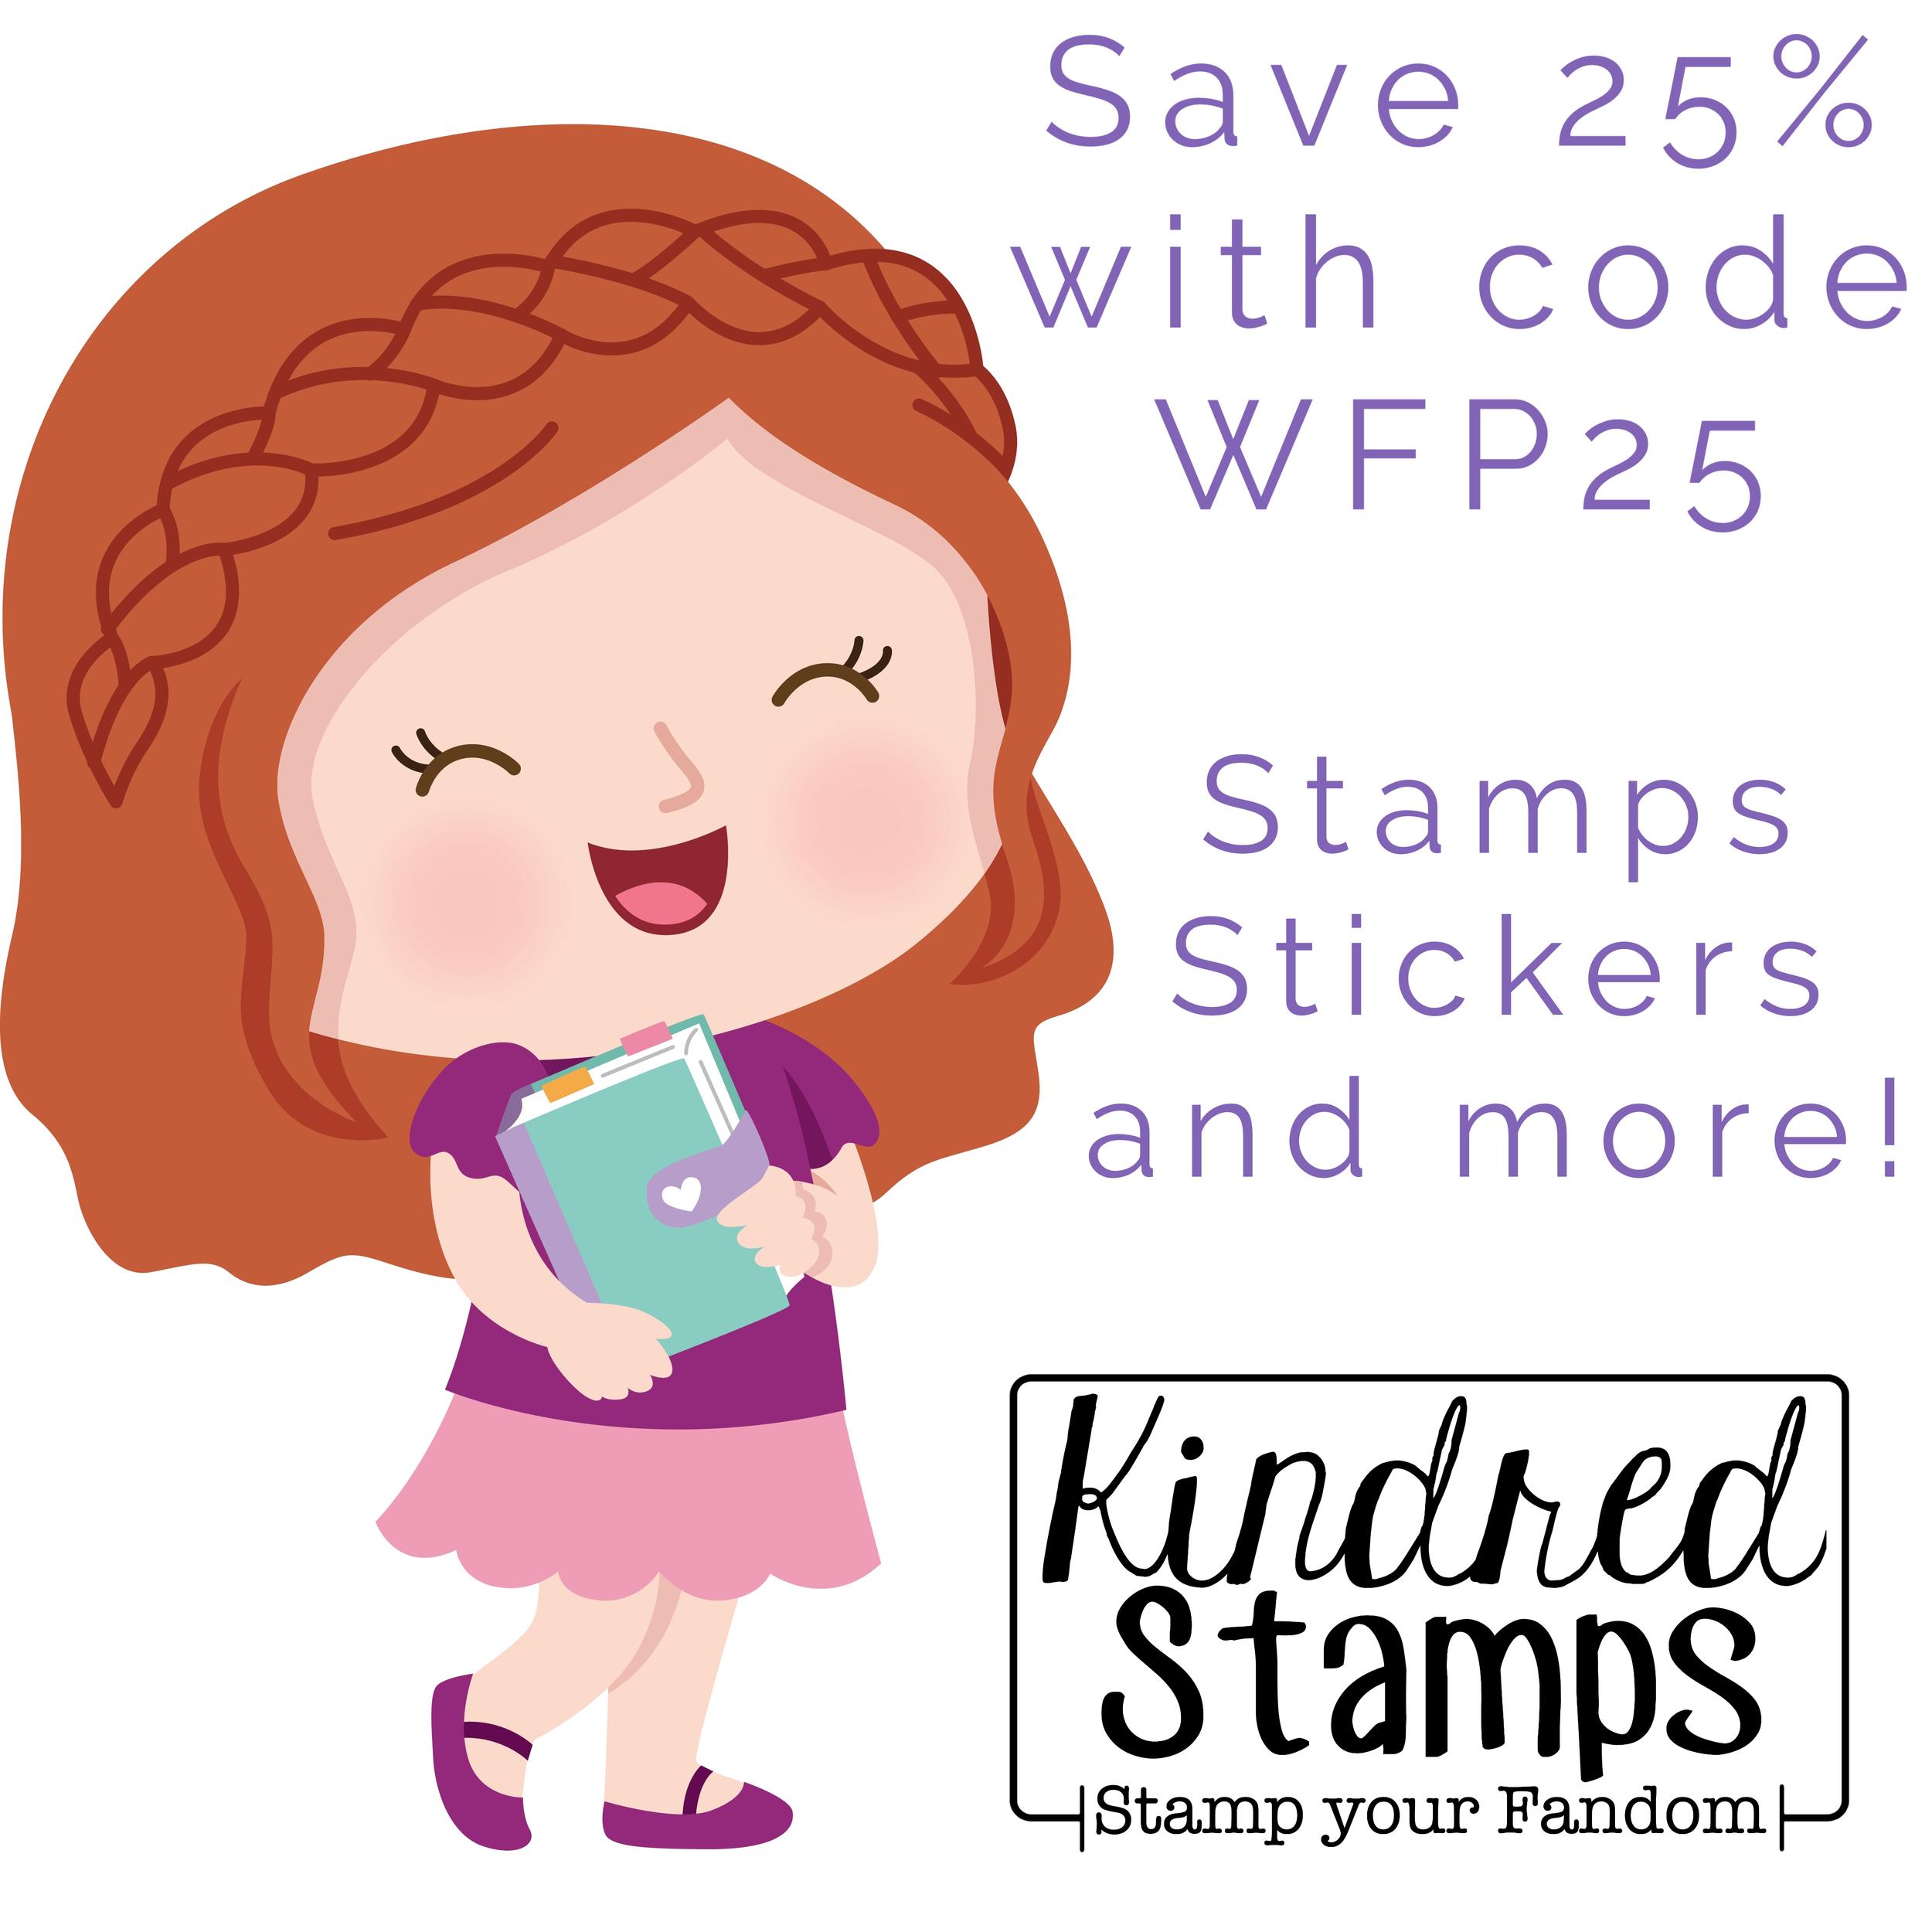 http://www.kindredstamps.com/